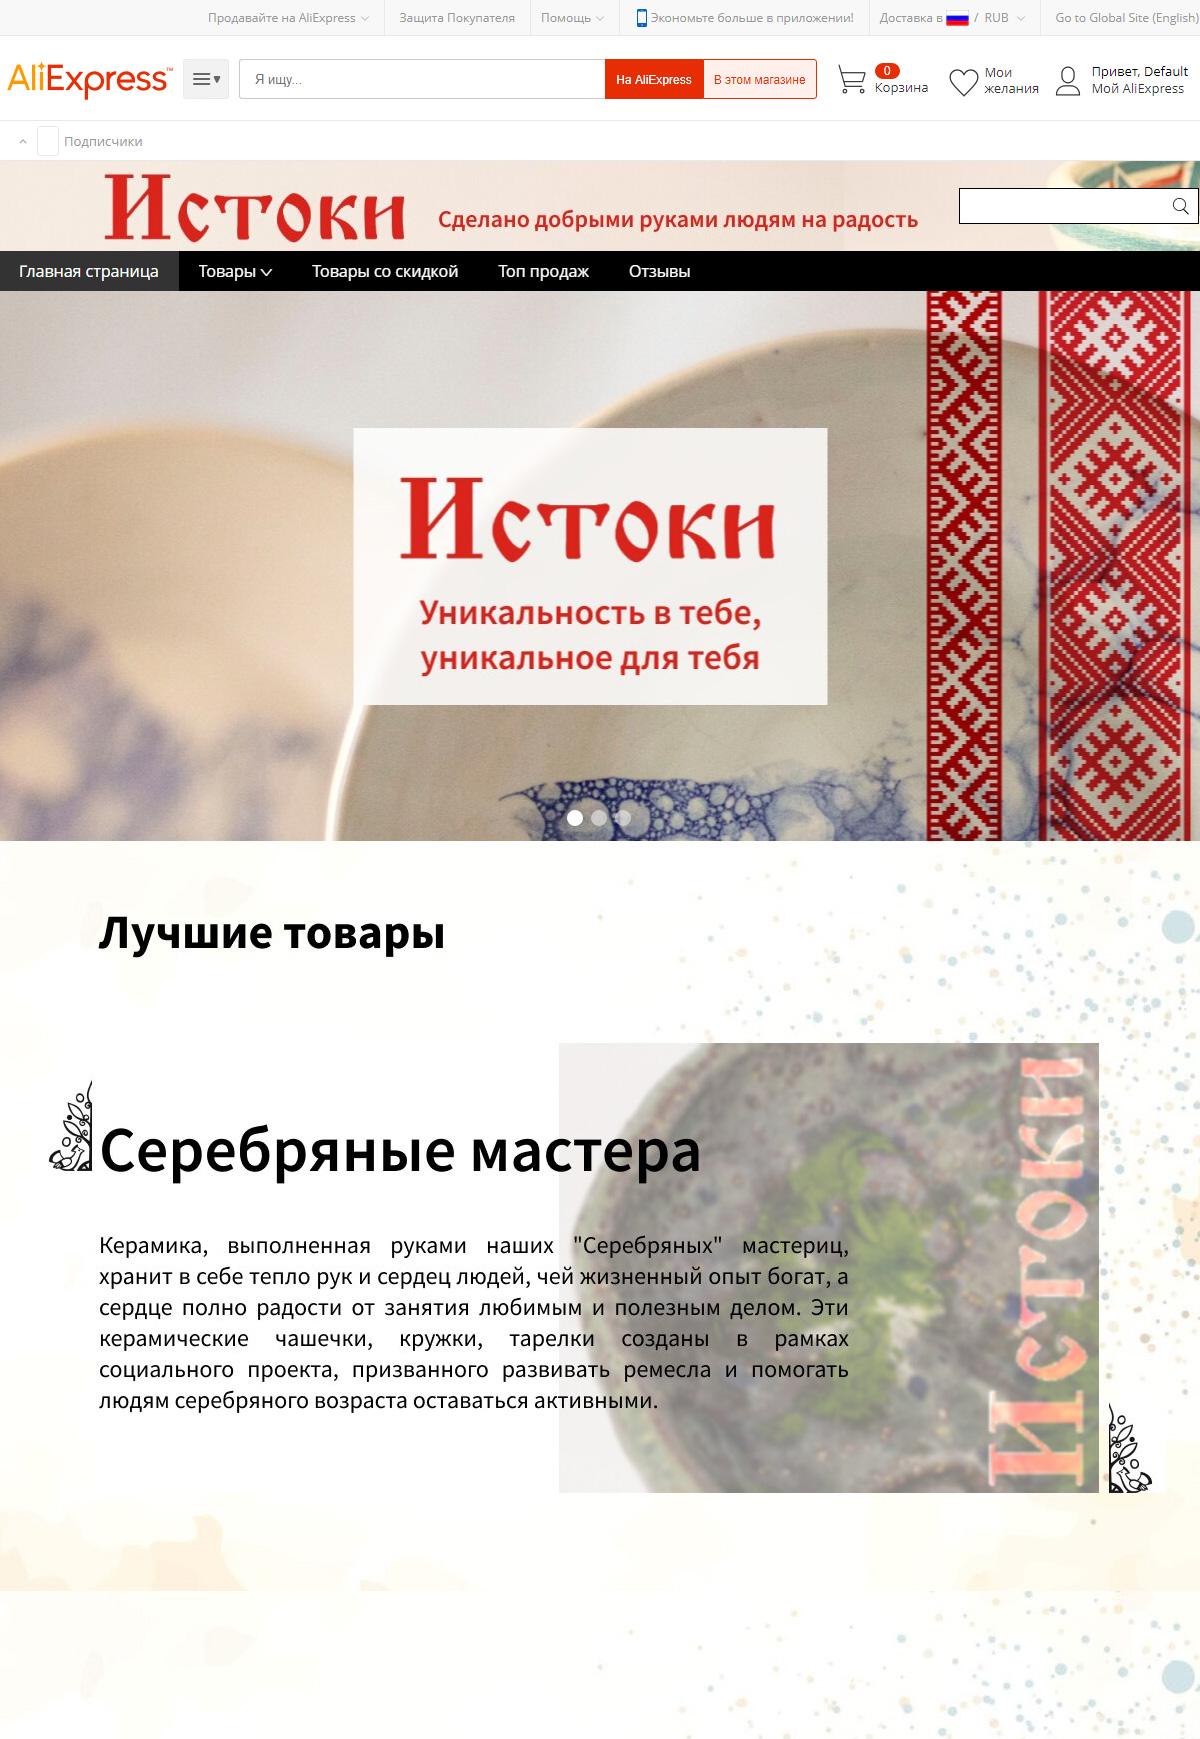 ИП Васильева (Истоки) на Алибаба